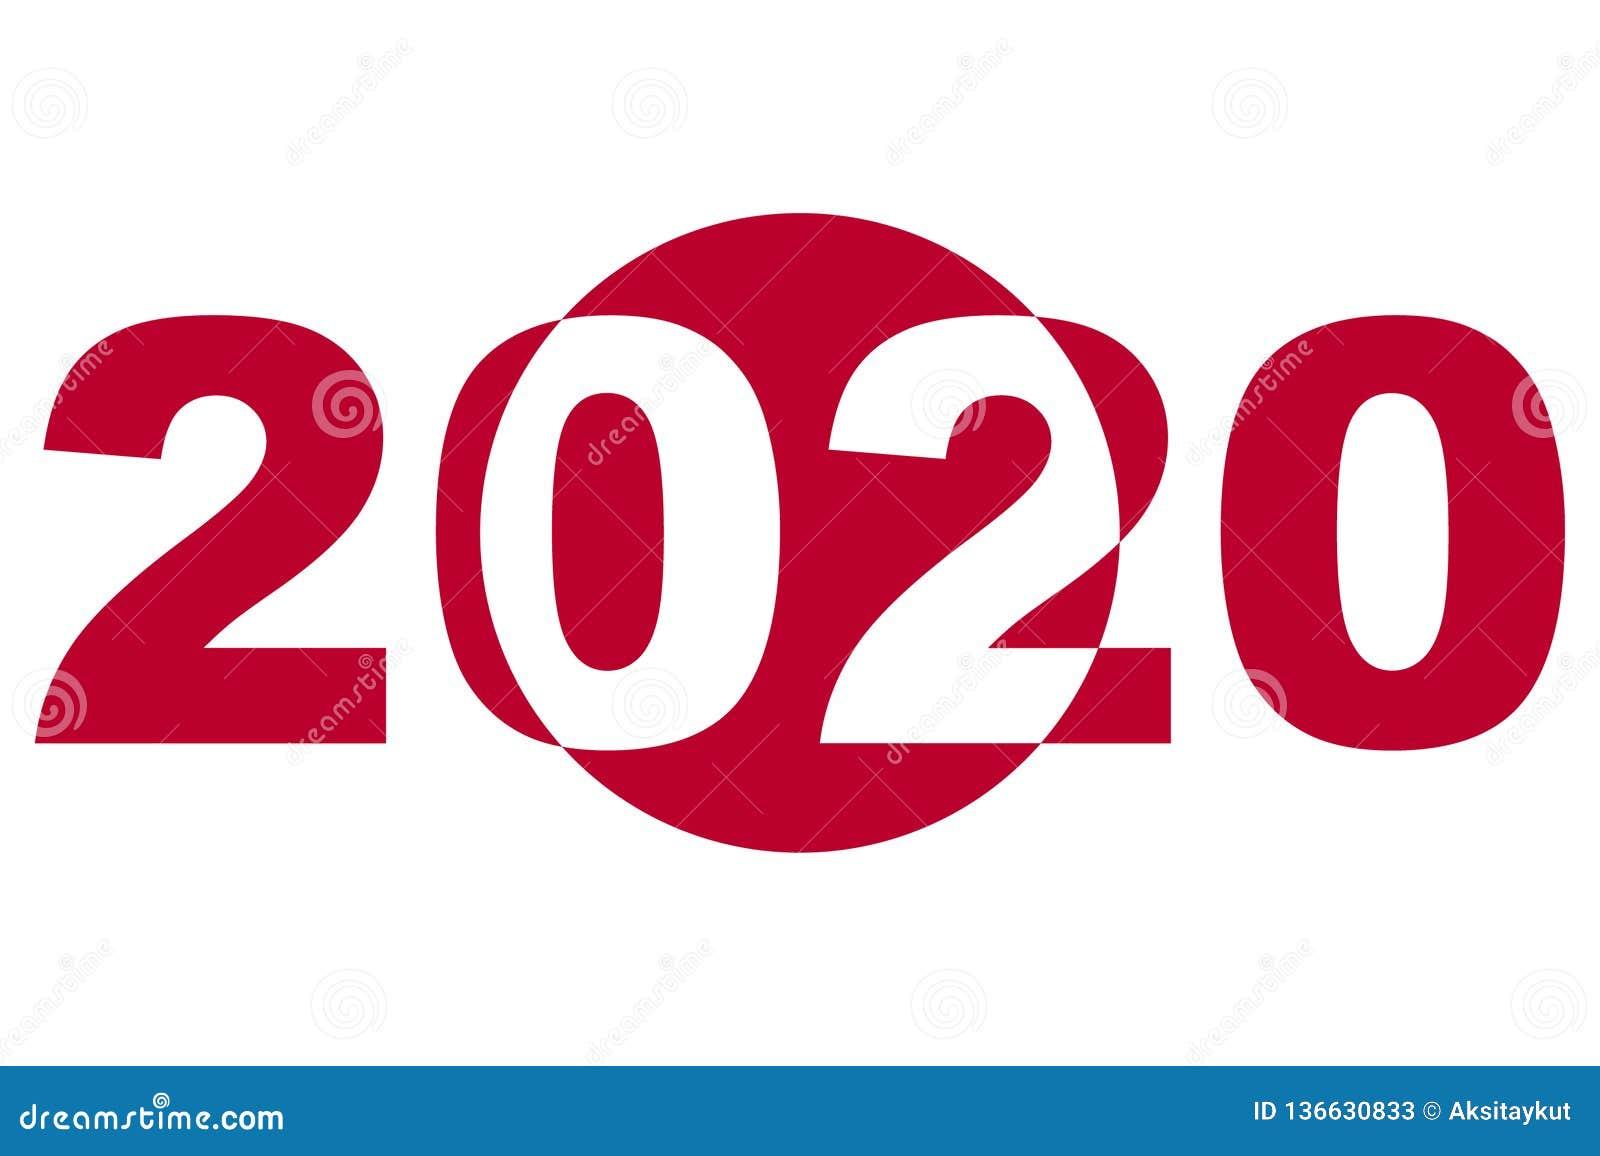 Ejemplo de las Olimpiadas de Tokio 2020